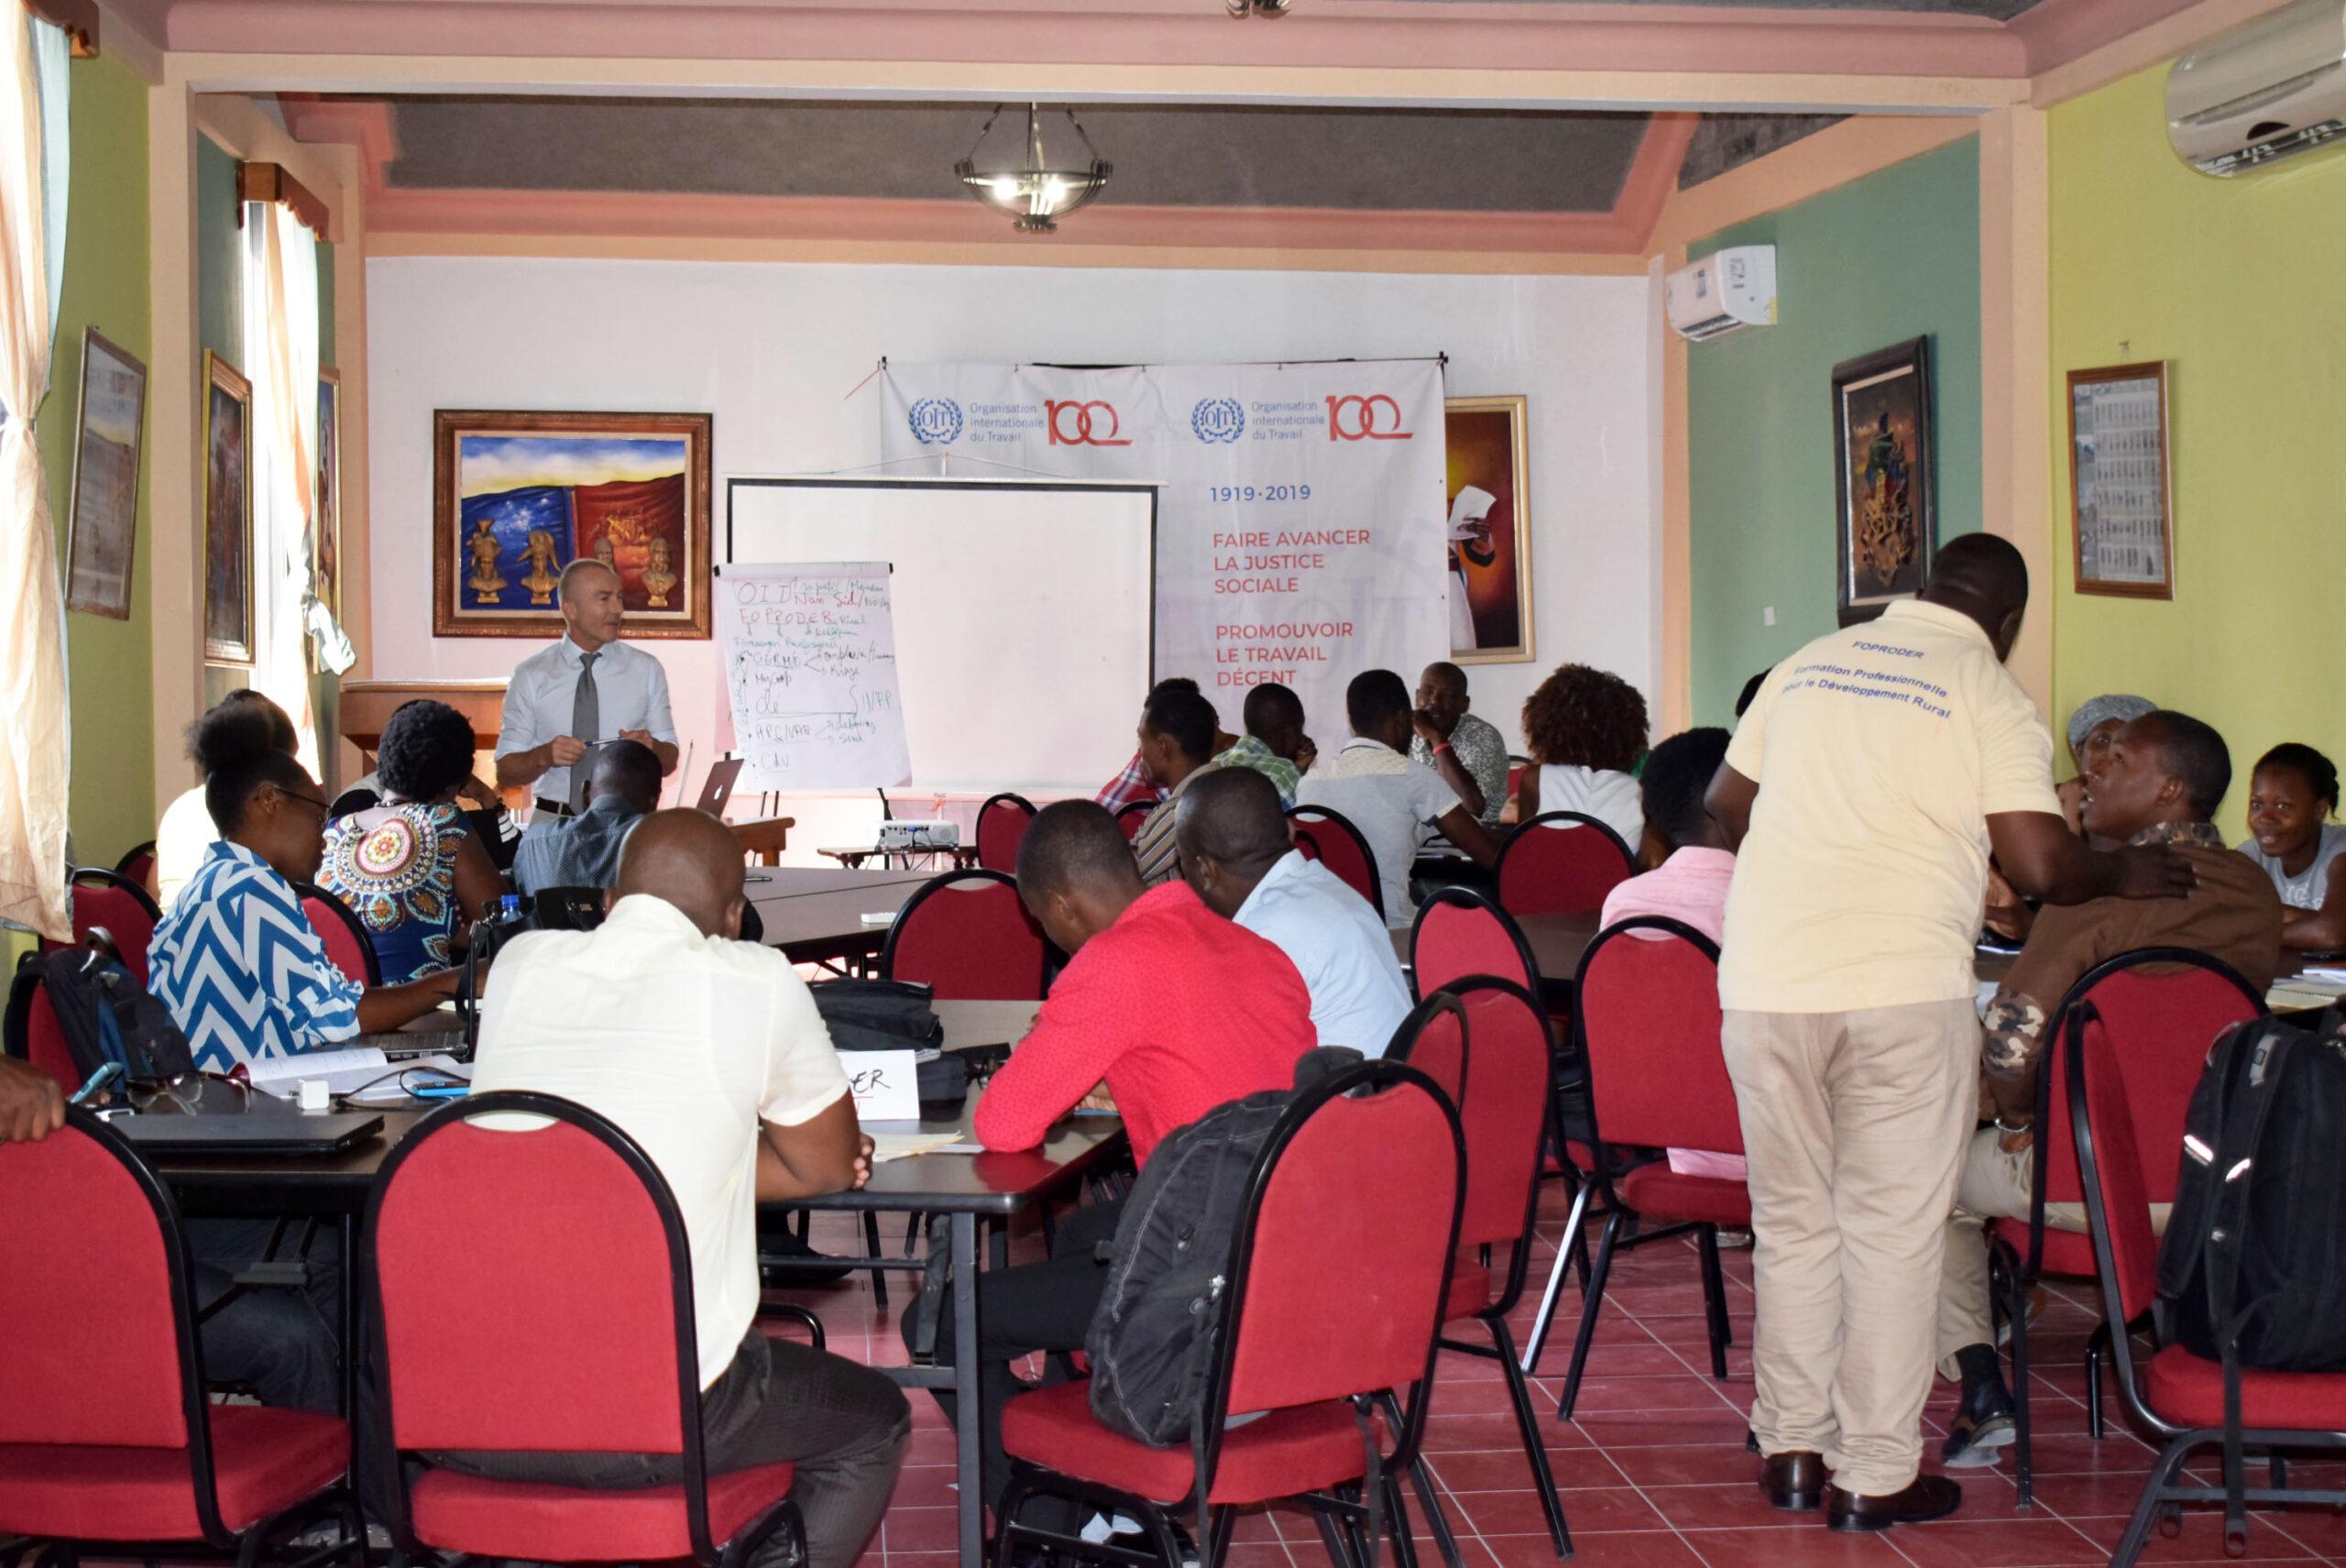 Haiti Economie: Jeunes créatifs, un autre regard pour réussir